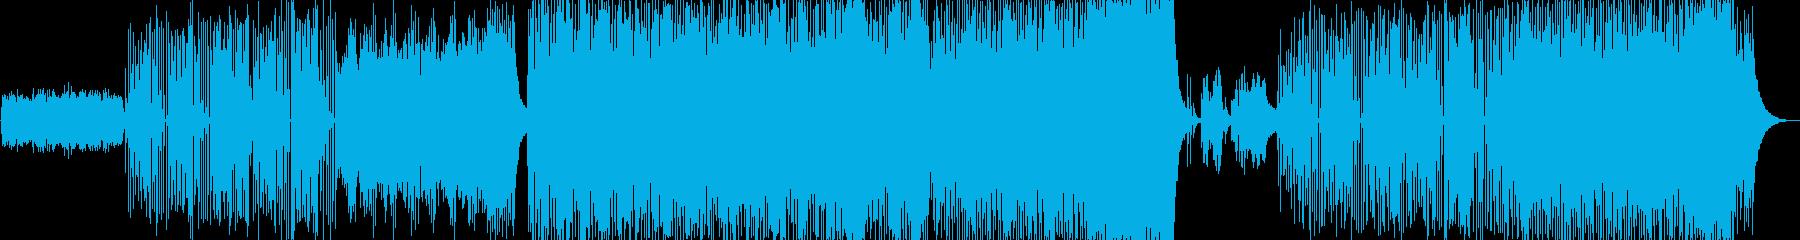 幻想的でプログレッシブなジャズBGMの再生済みの波形